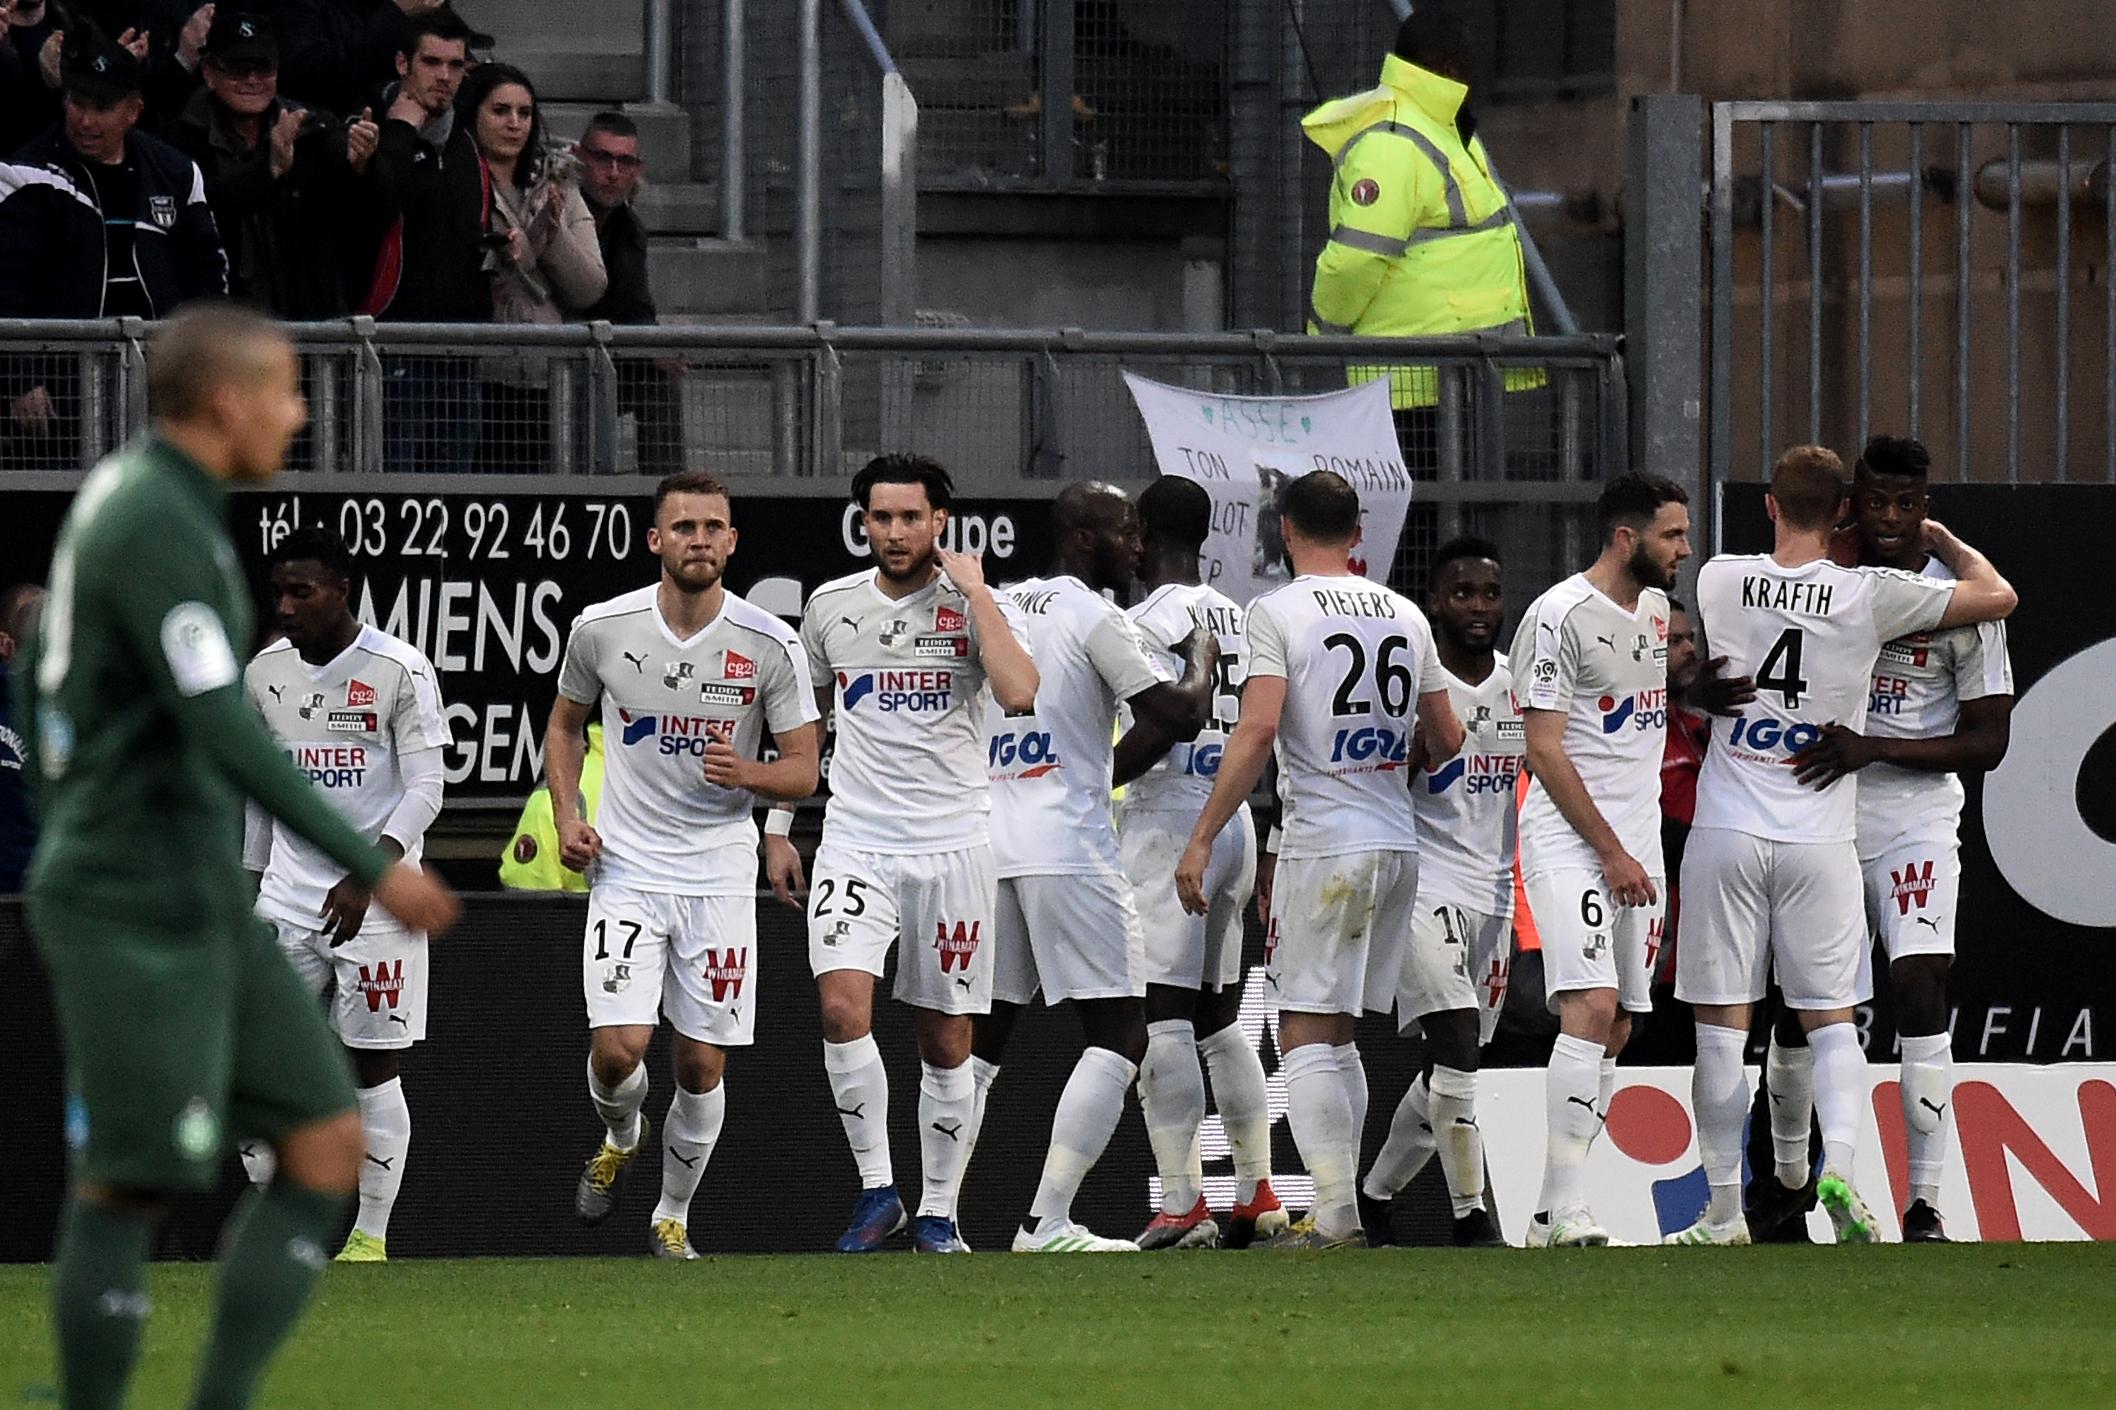 Amiens SC : le calendrier de Ligue 1 pour la saison 2019-2020